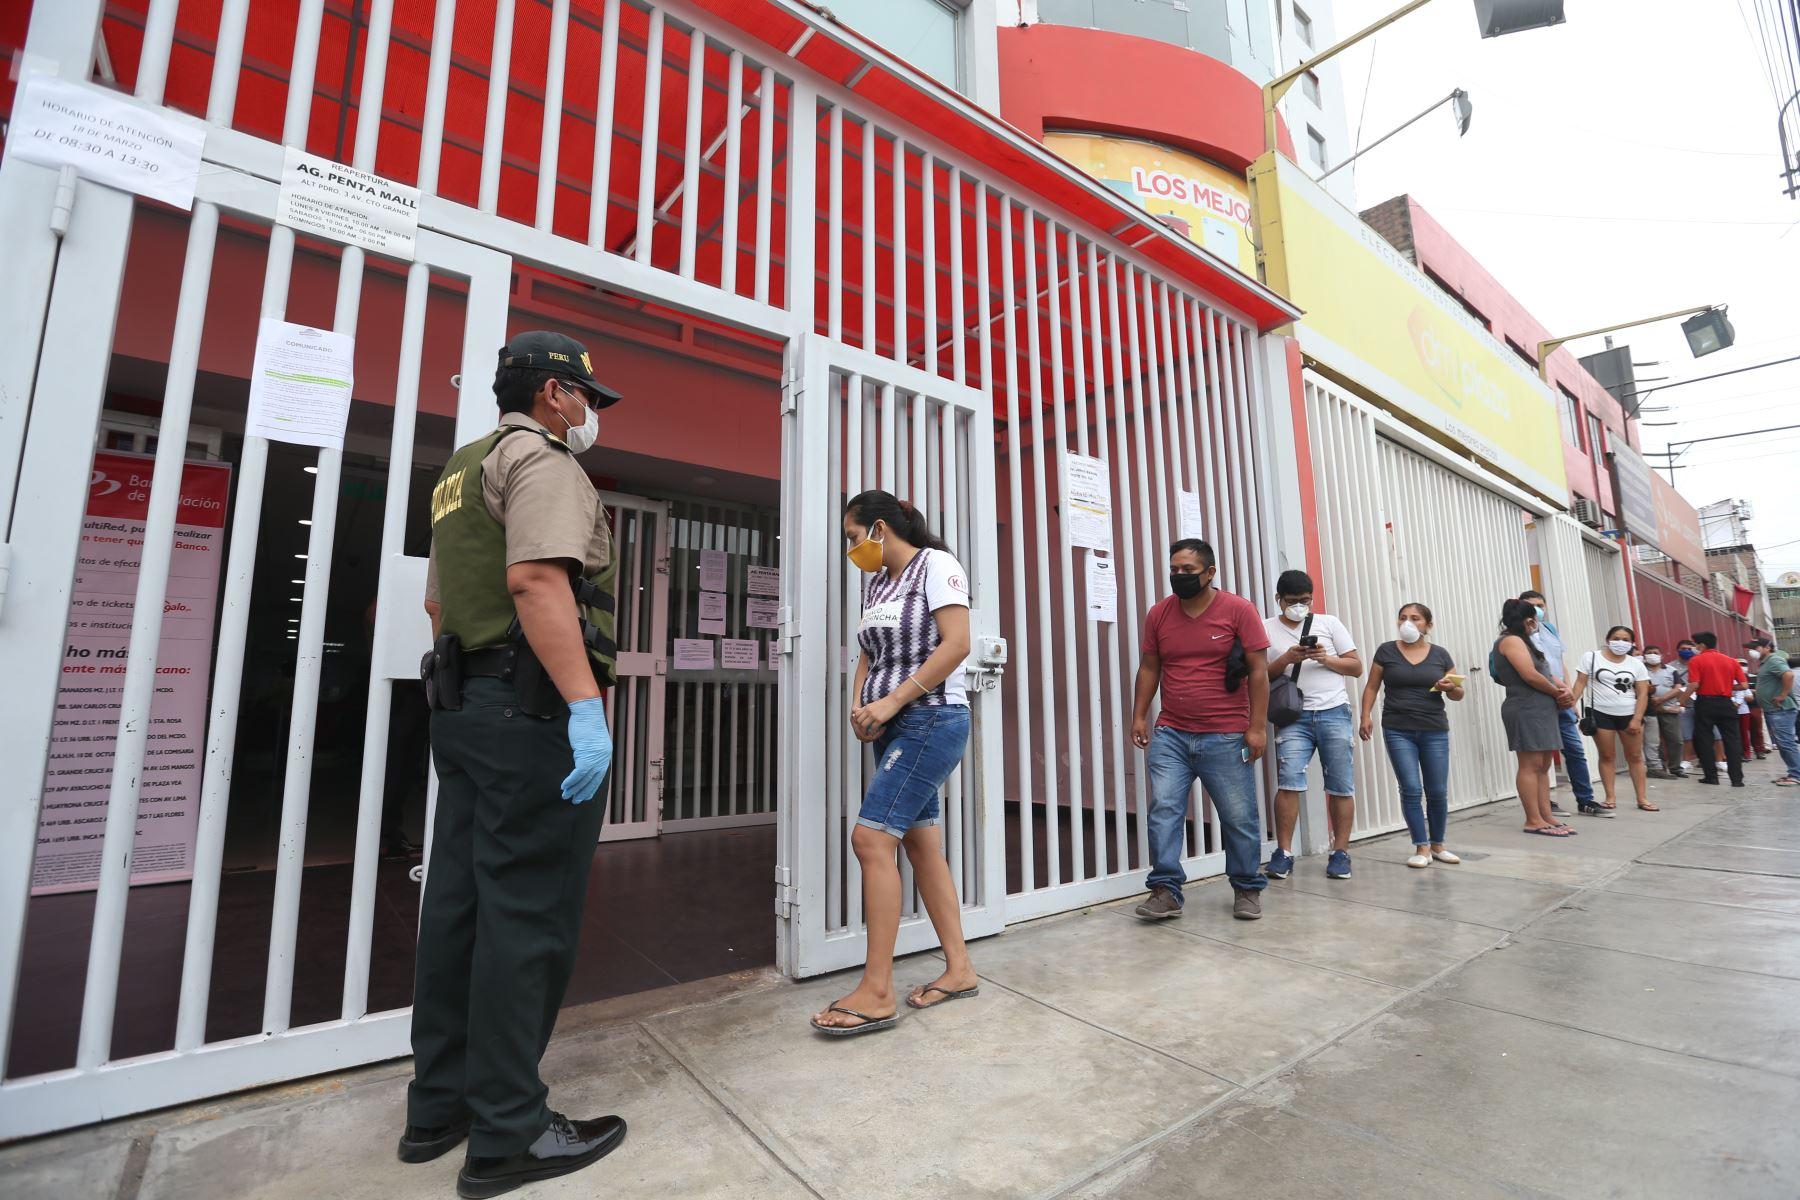 La Informalidad mata más que el COVID-19: contexto peruano